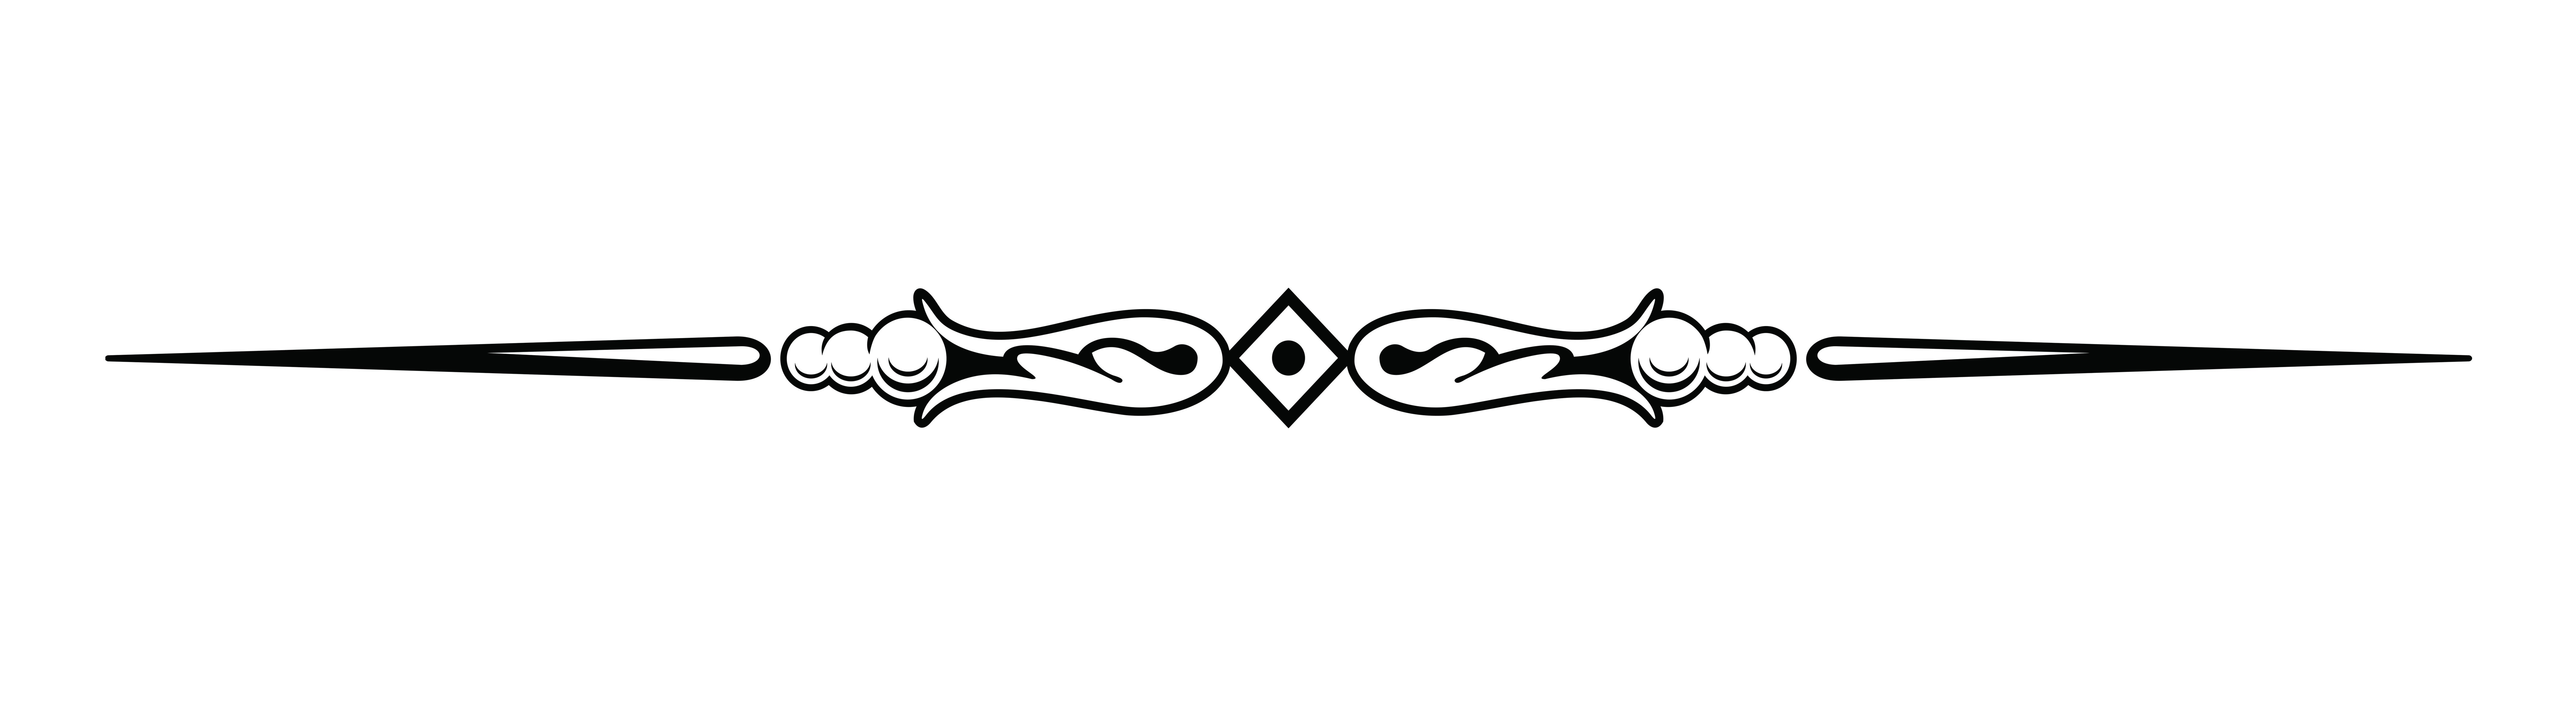 fancy-divider-line-png-197506.jpeg